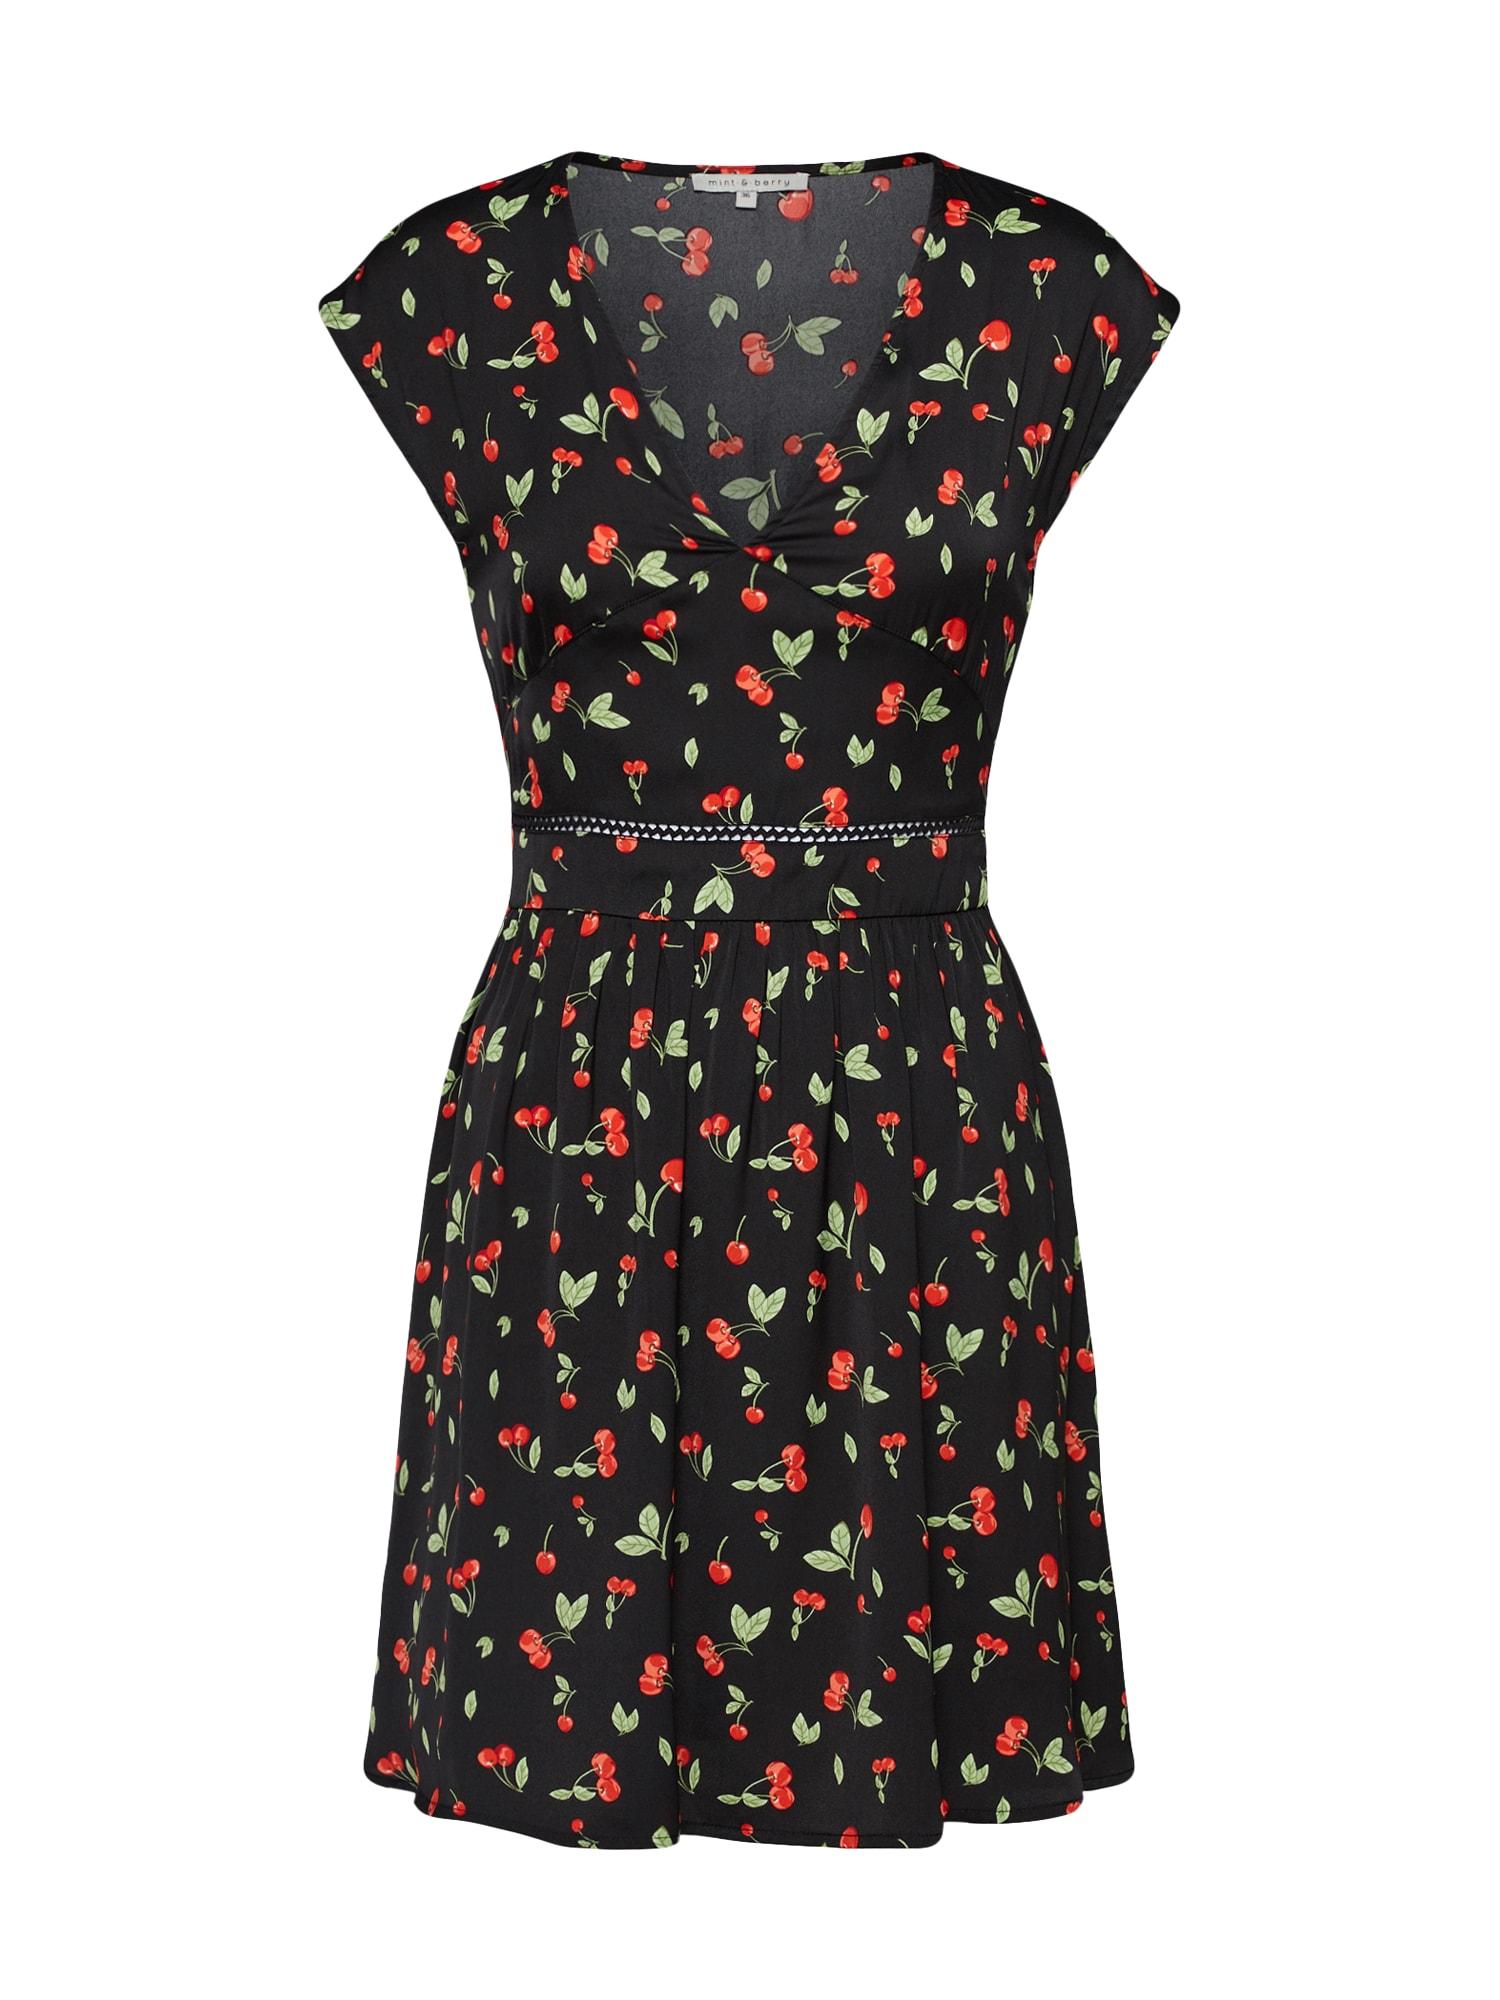 Koktejlové šaty M32_FW18_2-1-C_017 červená černá Mint&berry